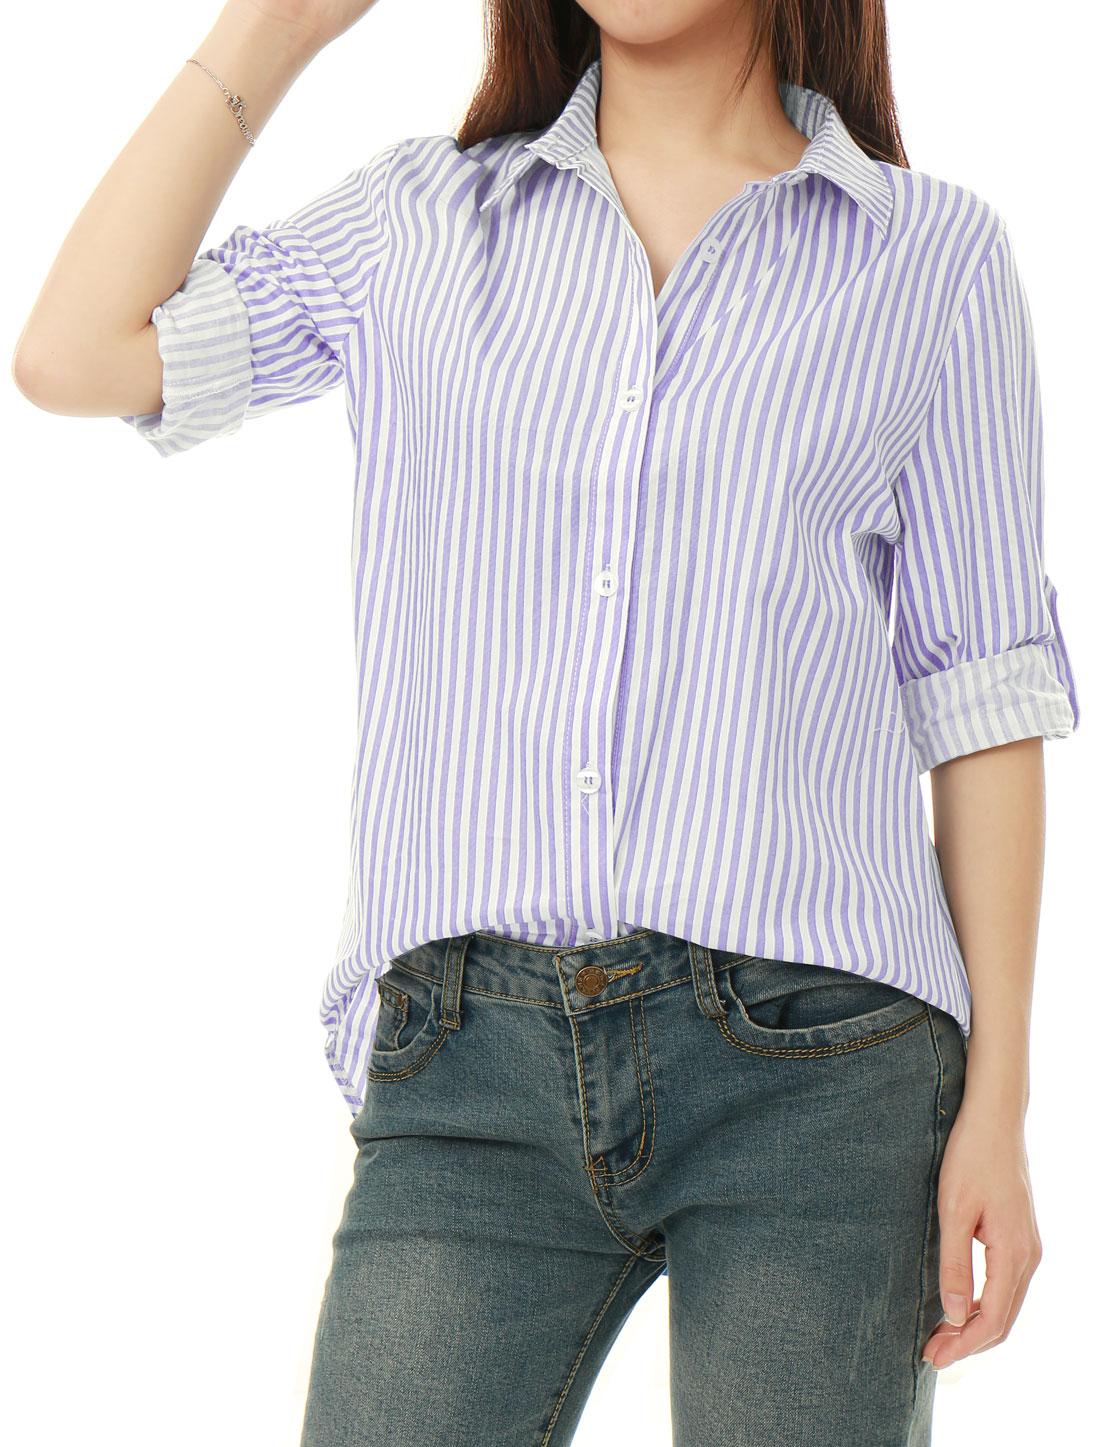 a3013010 Allegra K Women Striped High Low Hem Roll Up Sleeves Shirt Light ...